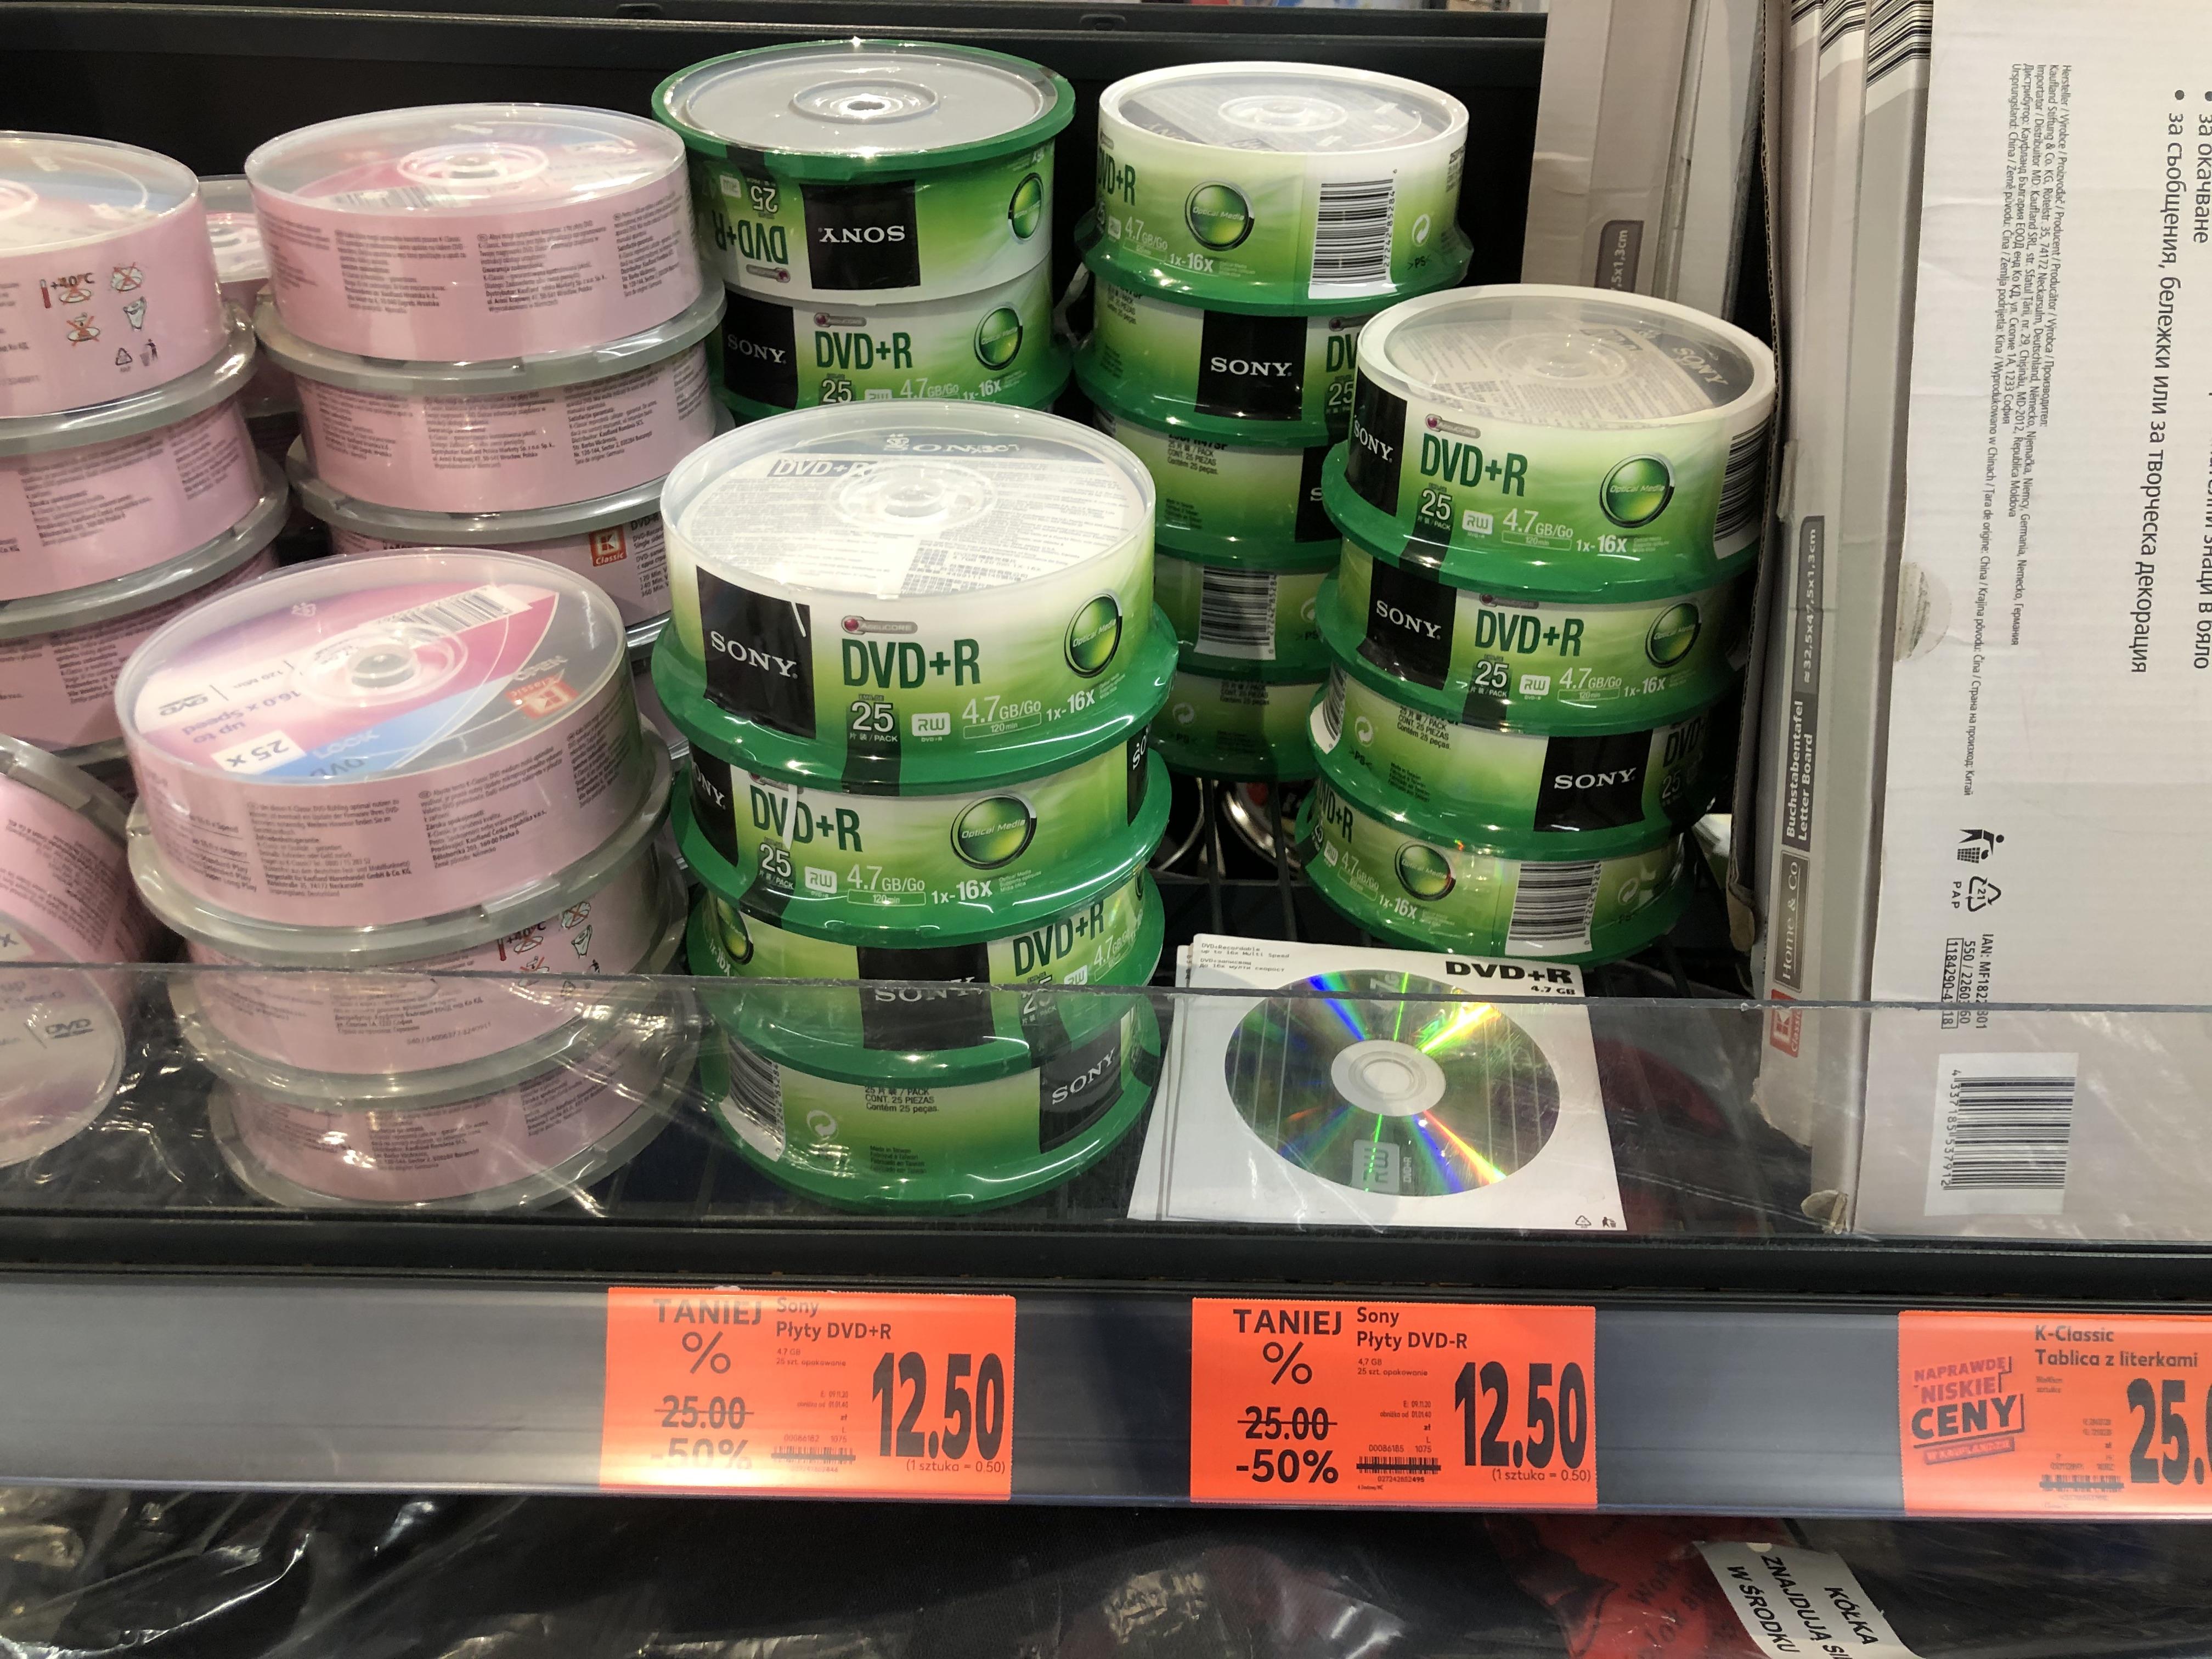 Płyty SONY DVD+R/DVD-R 4.7GB 16x cake 25 sztuk Kaufland Wielicka Kraków